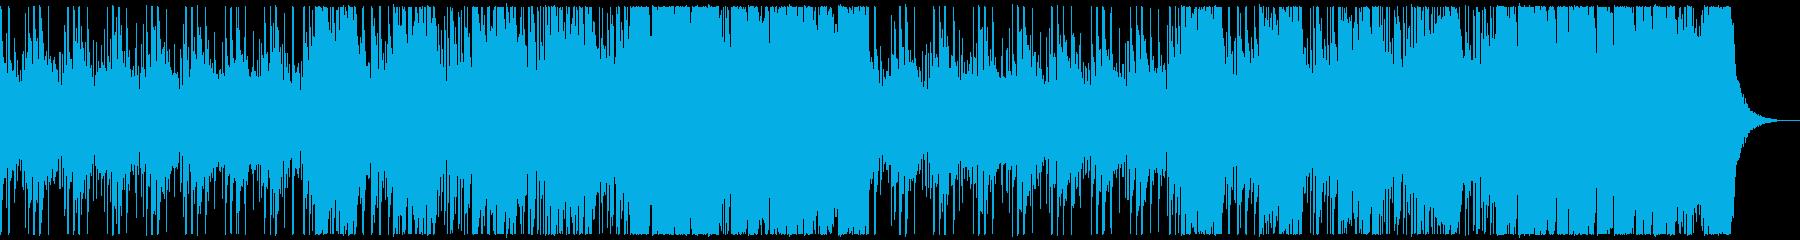 リズム中心の緊迫感のある曲の再生済みの波形